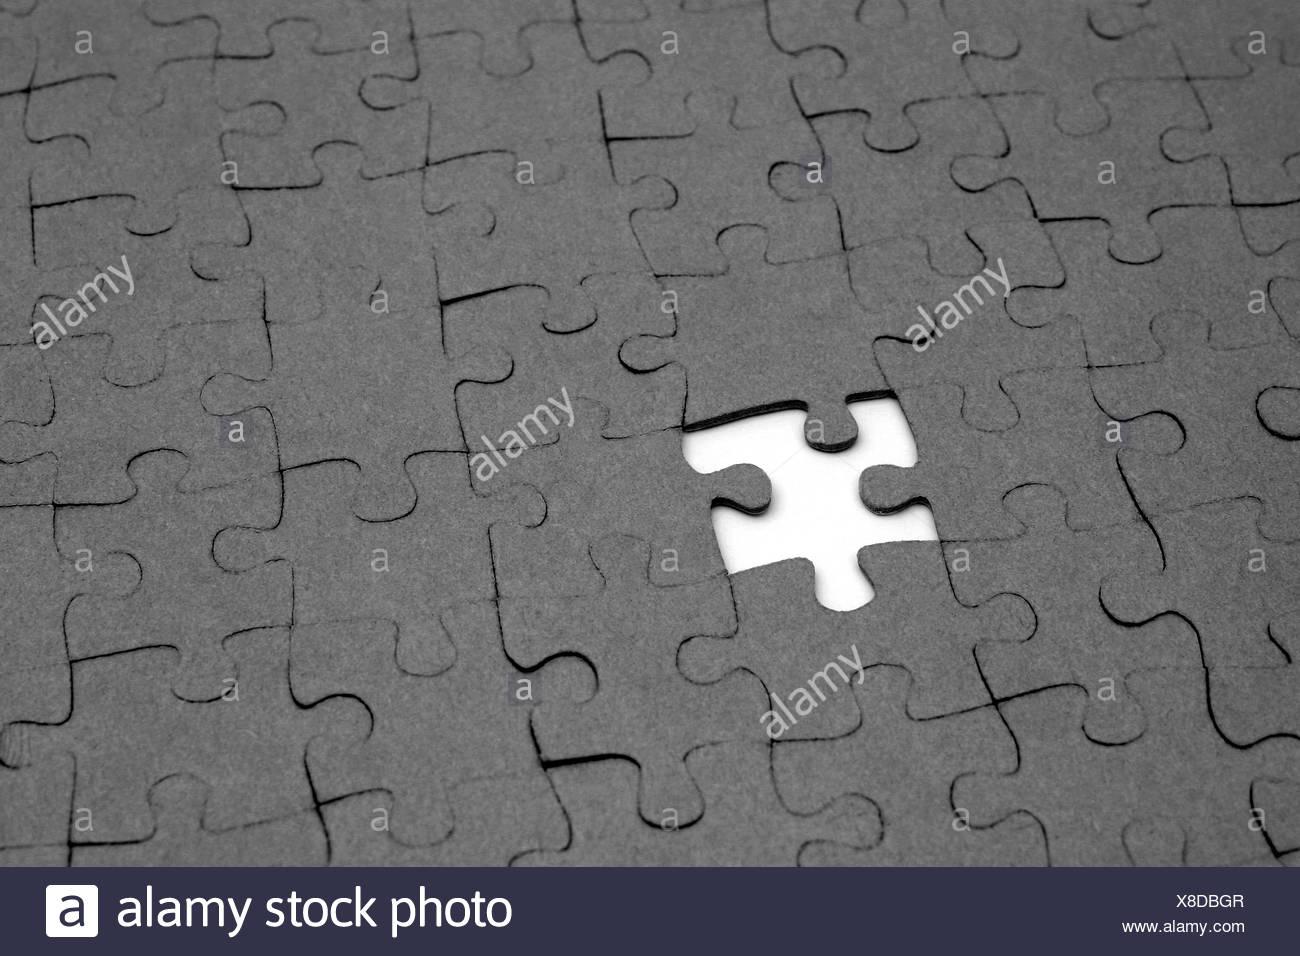 Ein Leerzeichen Wird In Der Machen Der Gesamten Anlage Eines Puzzles  Gesehen. Stockbild